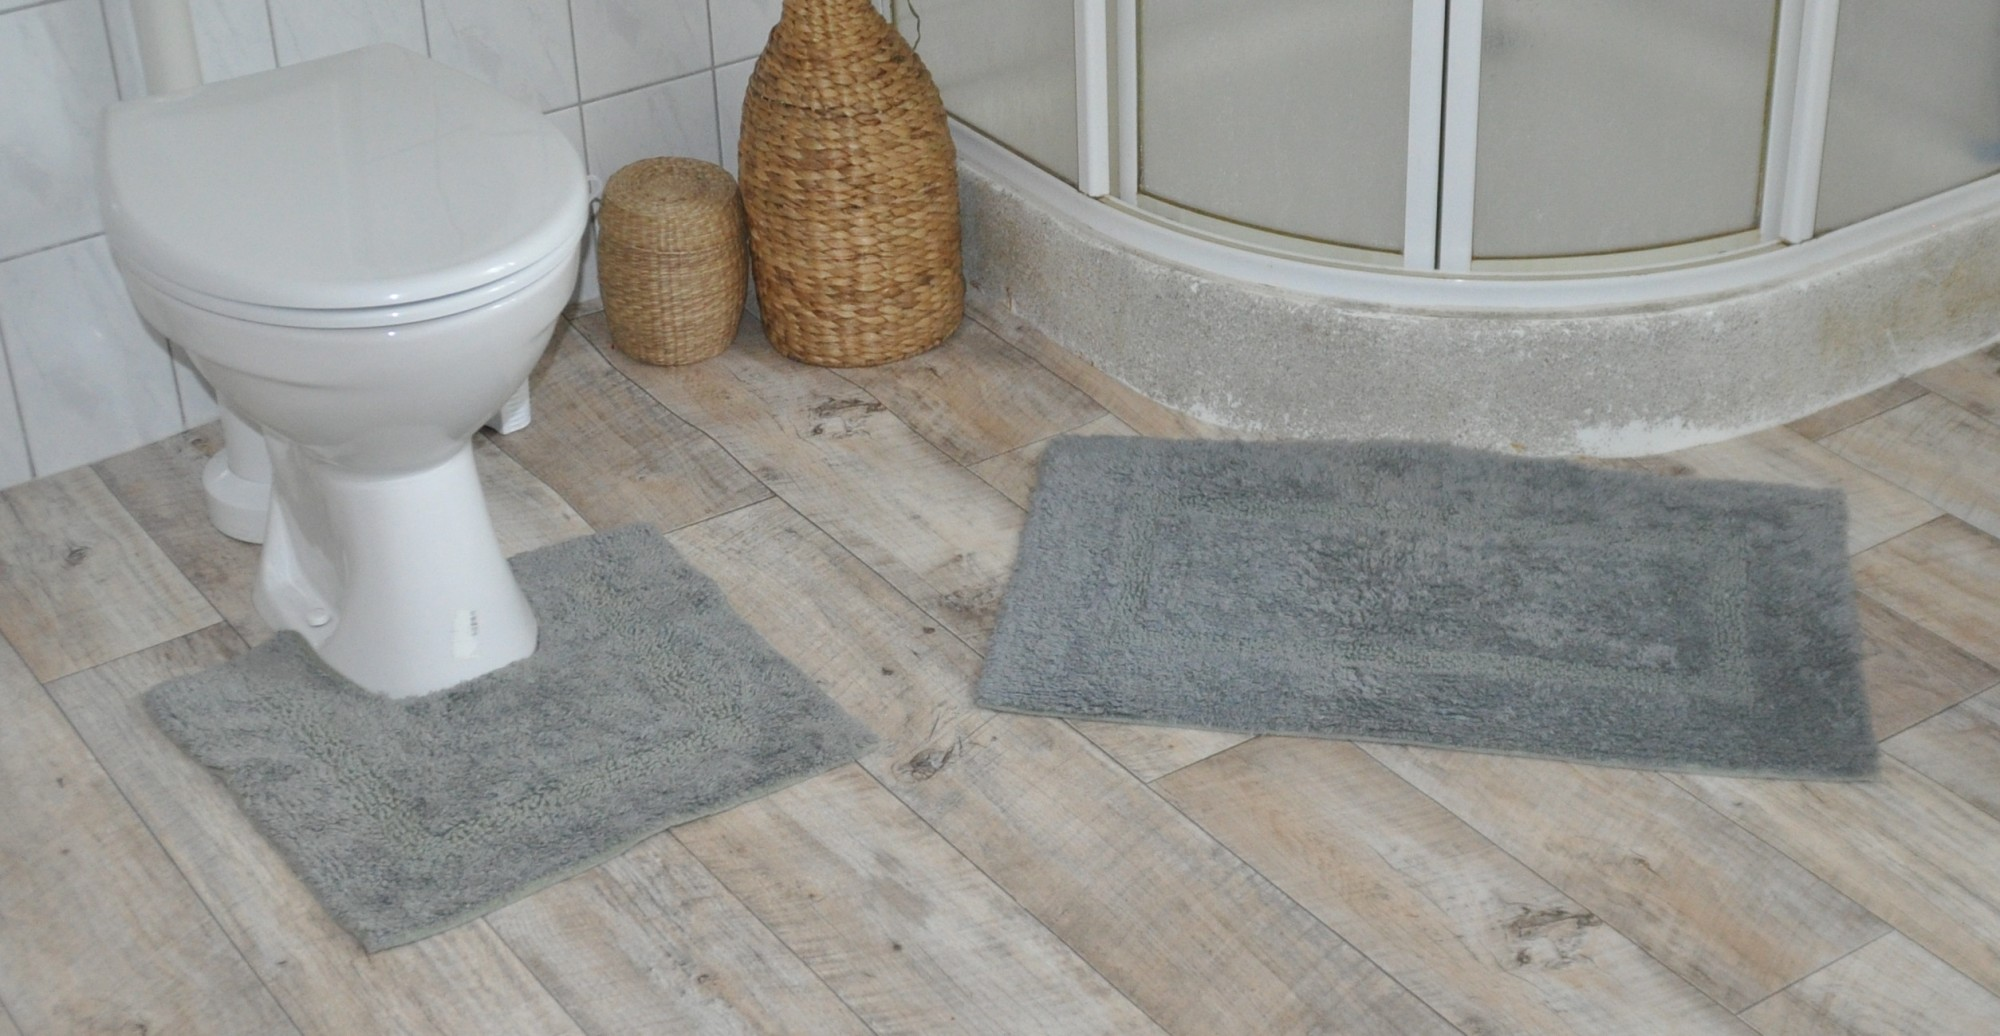 flauschiger wc vorleger 2tlg aus baumwolle badvorleger dusche badewanne teppich ebay. Black Bedroom Furniture Sets. Home Design Ideas